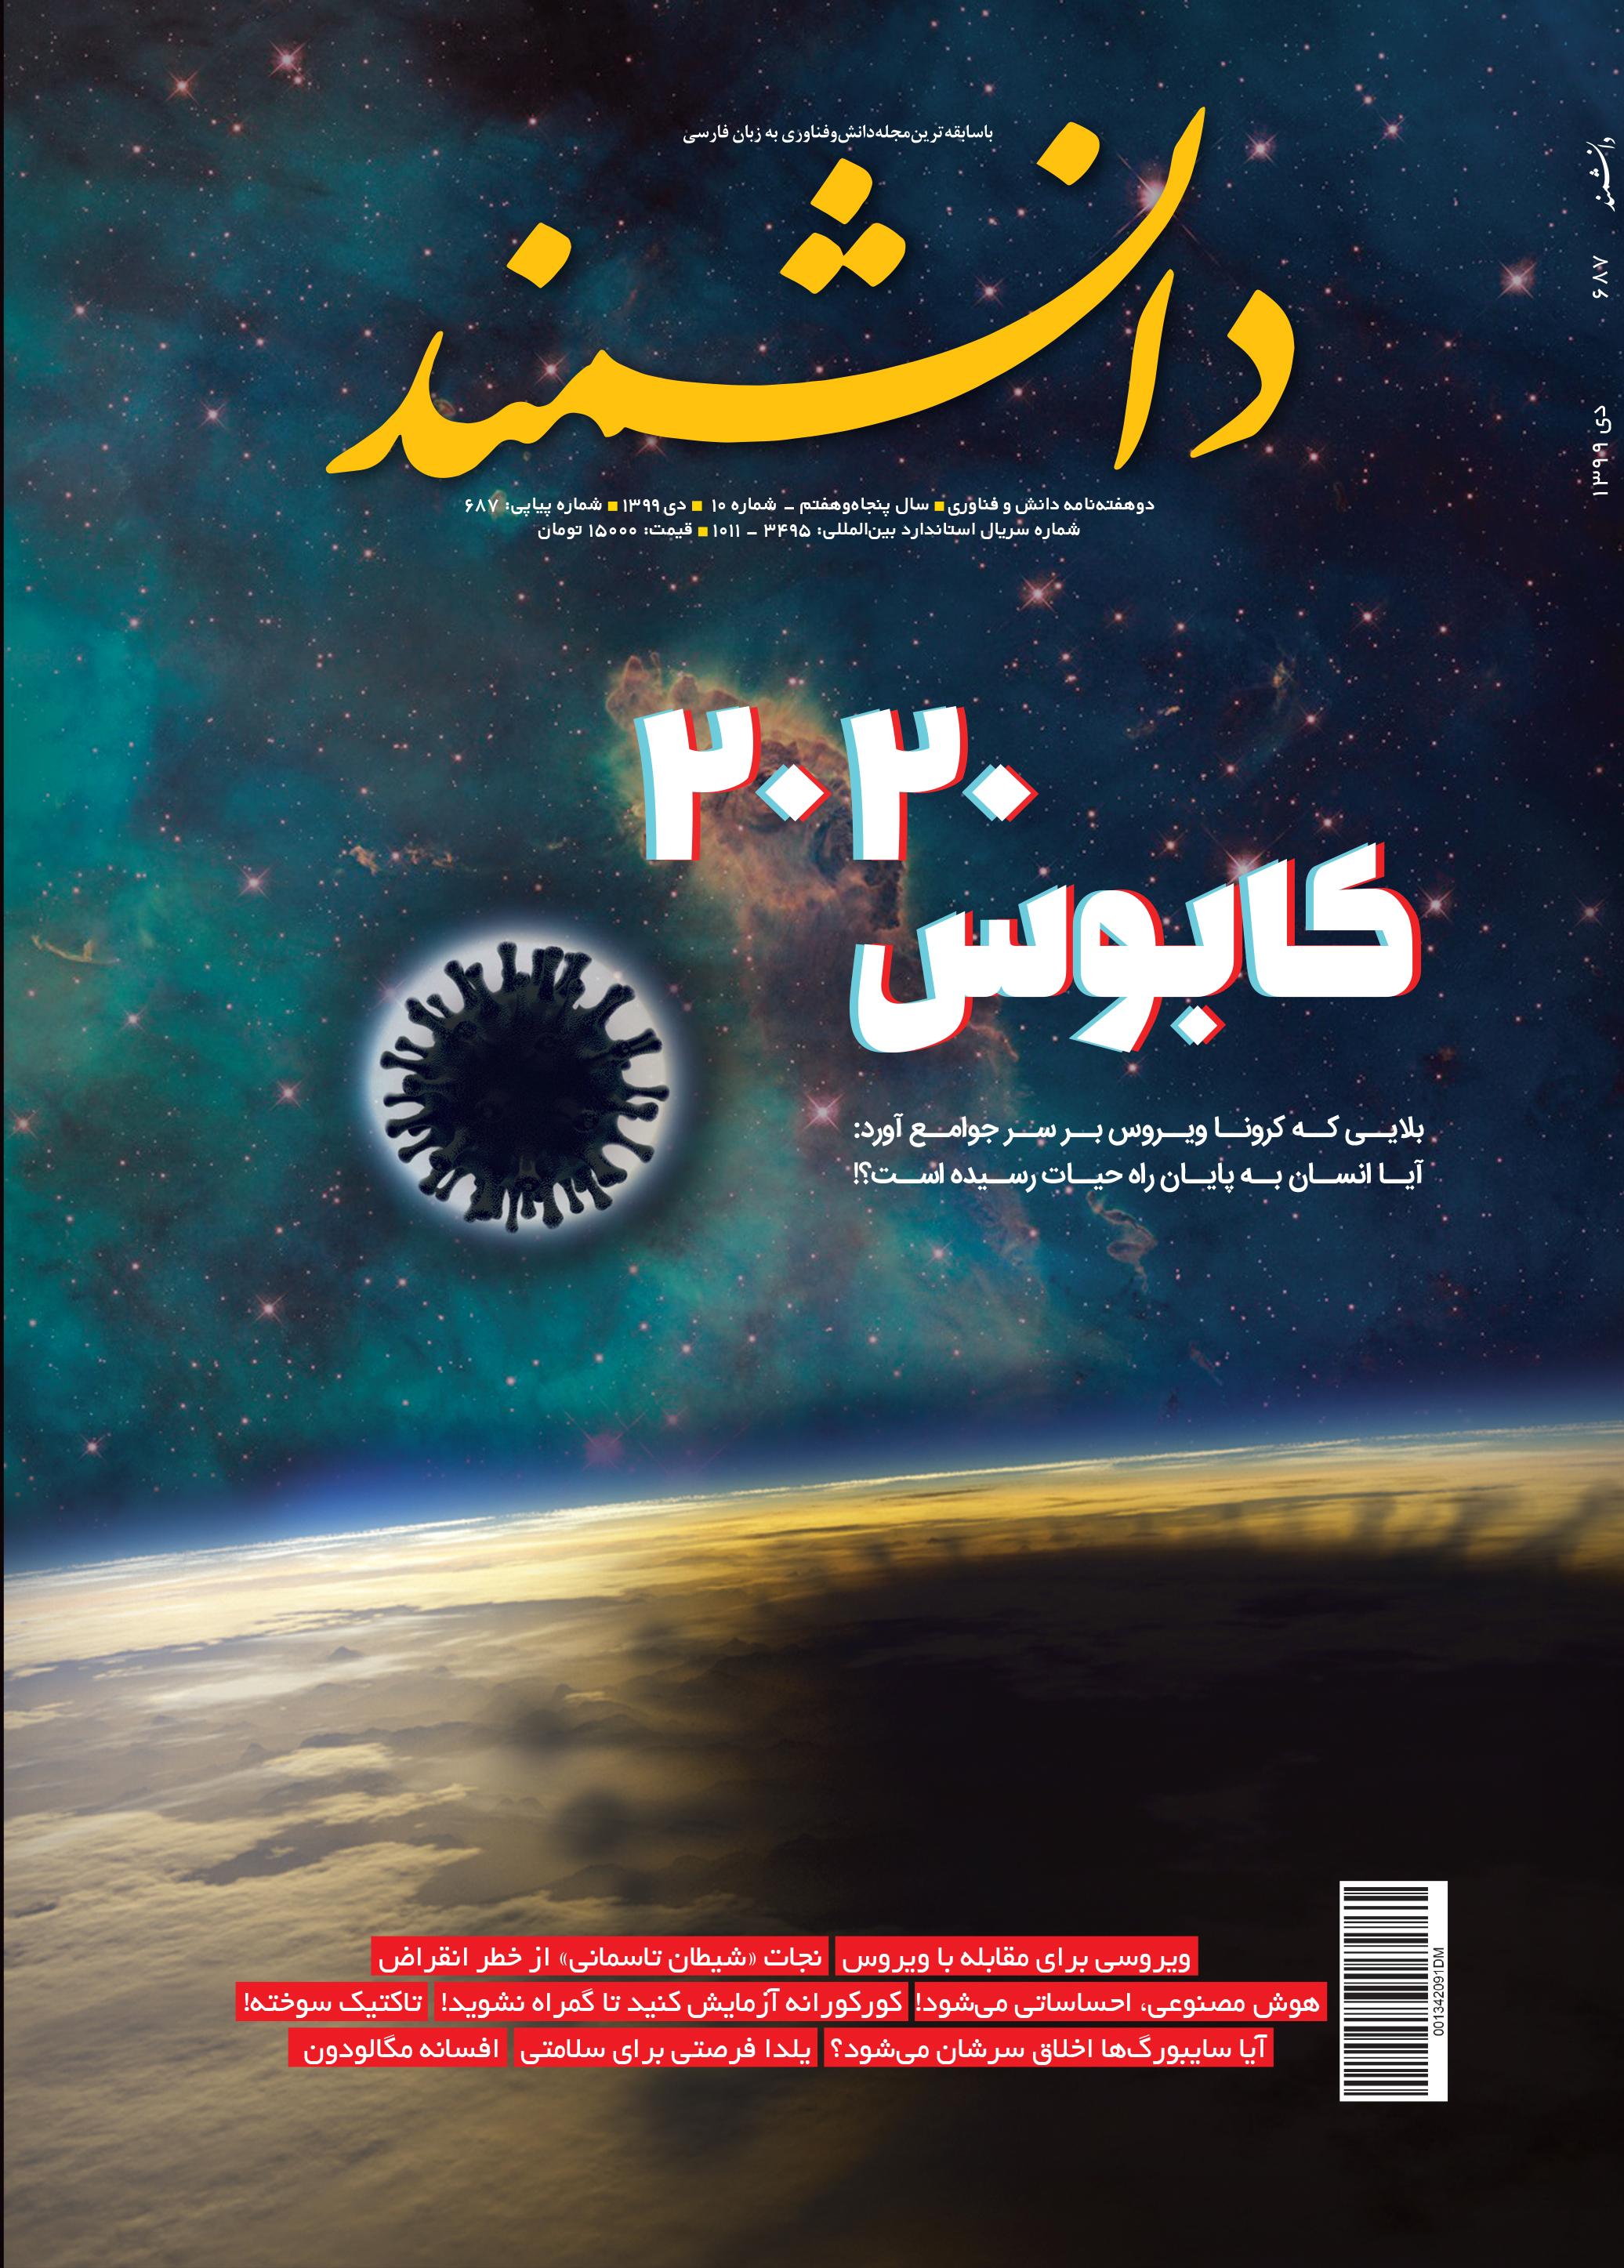 کابوس 2020؛ شماره دی ماه 1399 مجله دانشمند منتشر شد